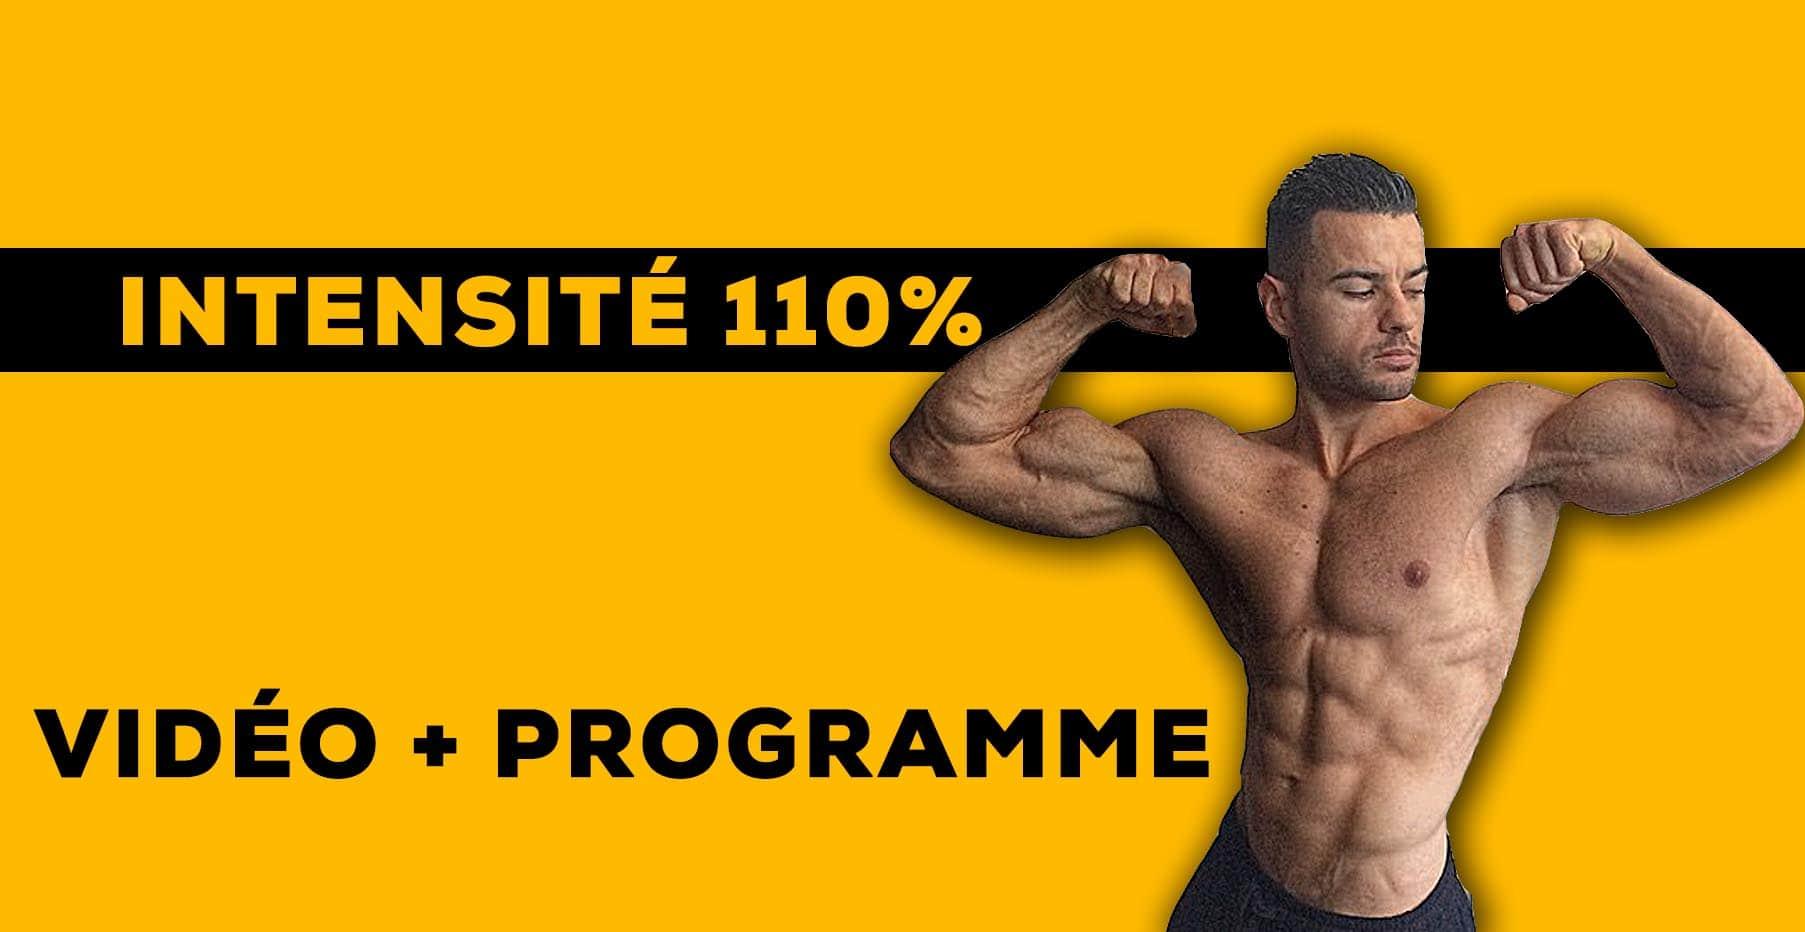 Programme Intensité 110% : Mes entrainements de musculation très intense